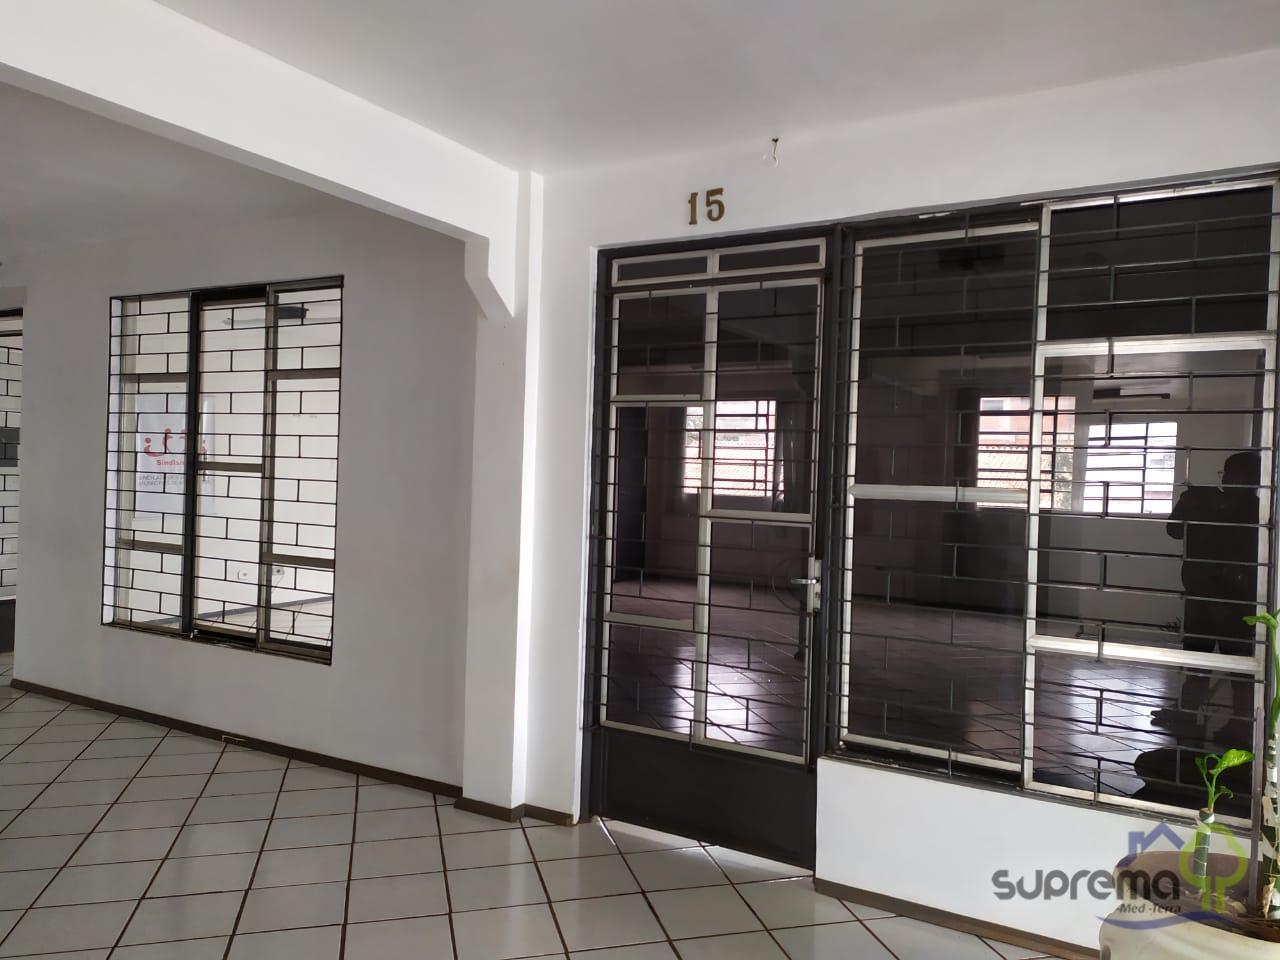 Suprema Imóveis em Medianeira Paraná